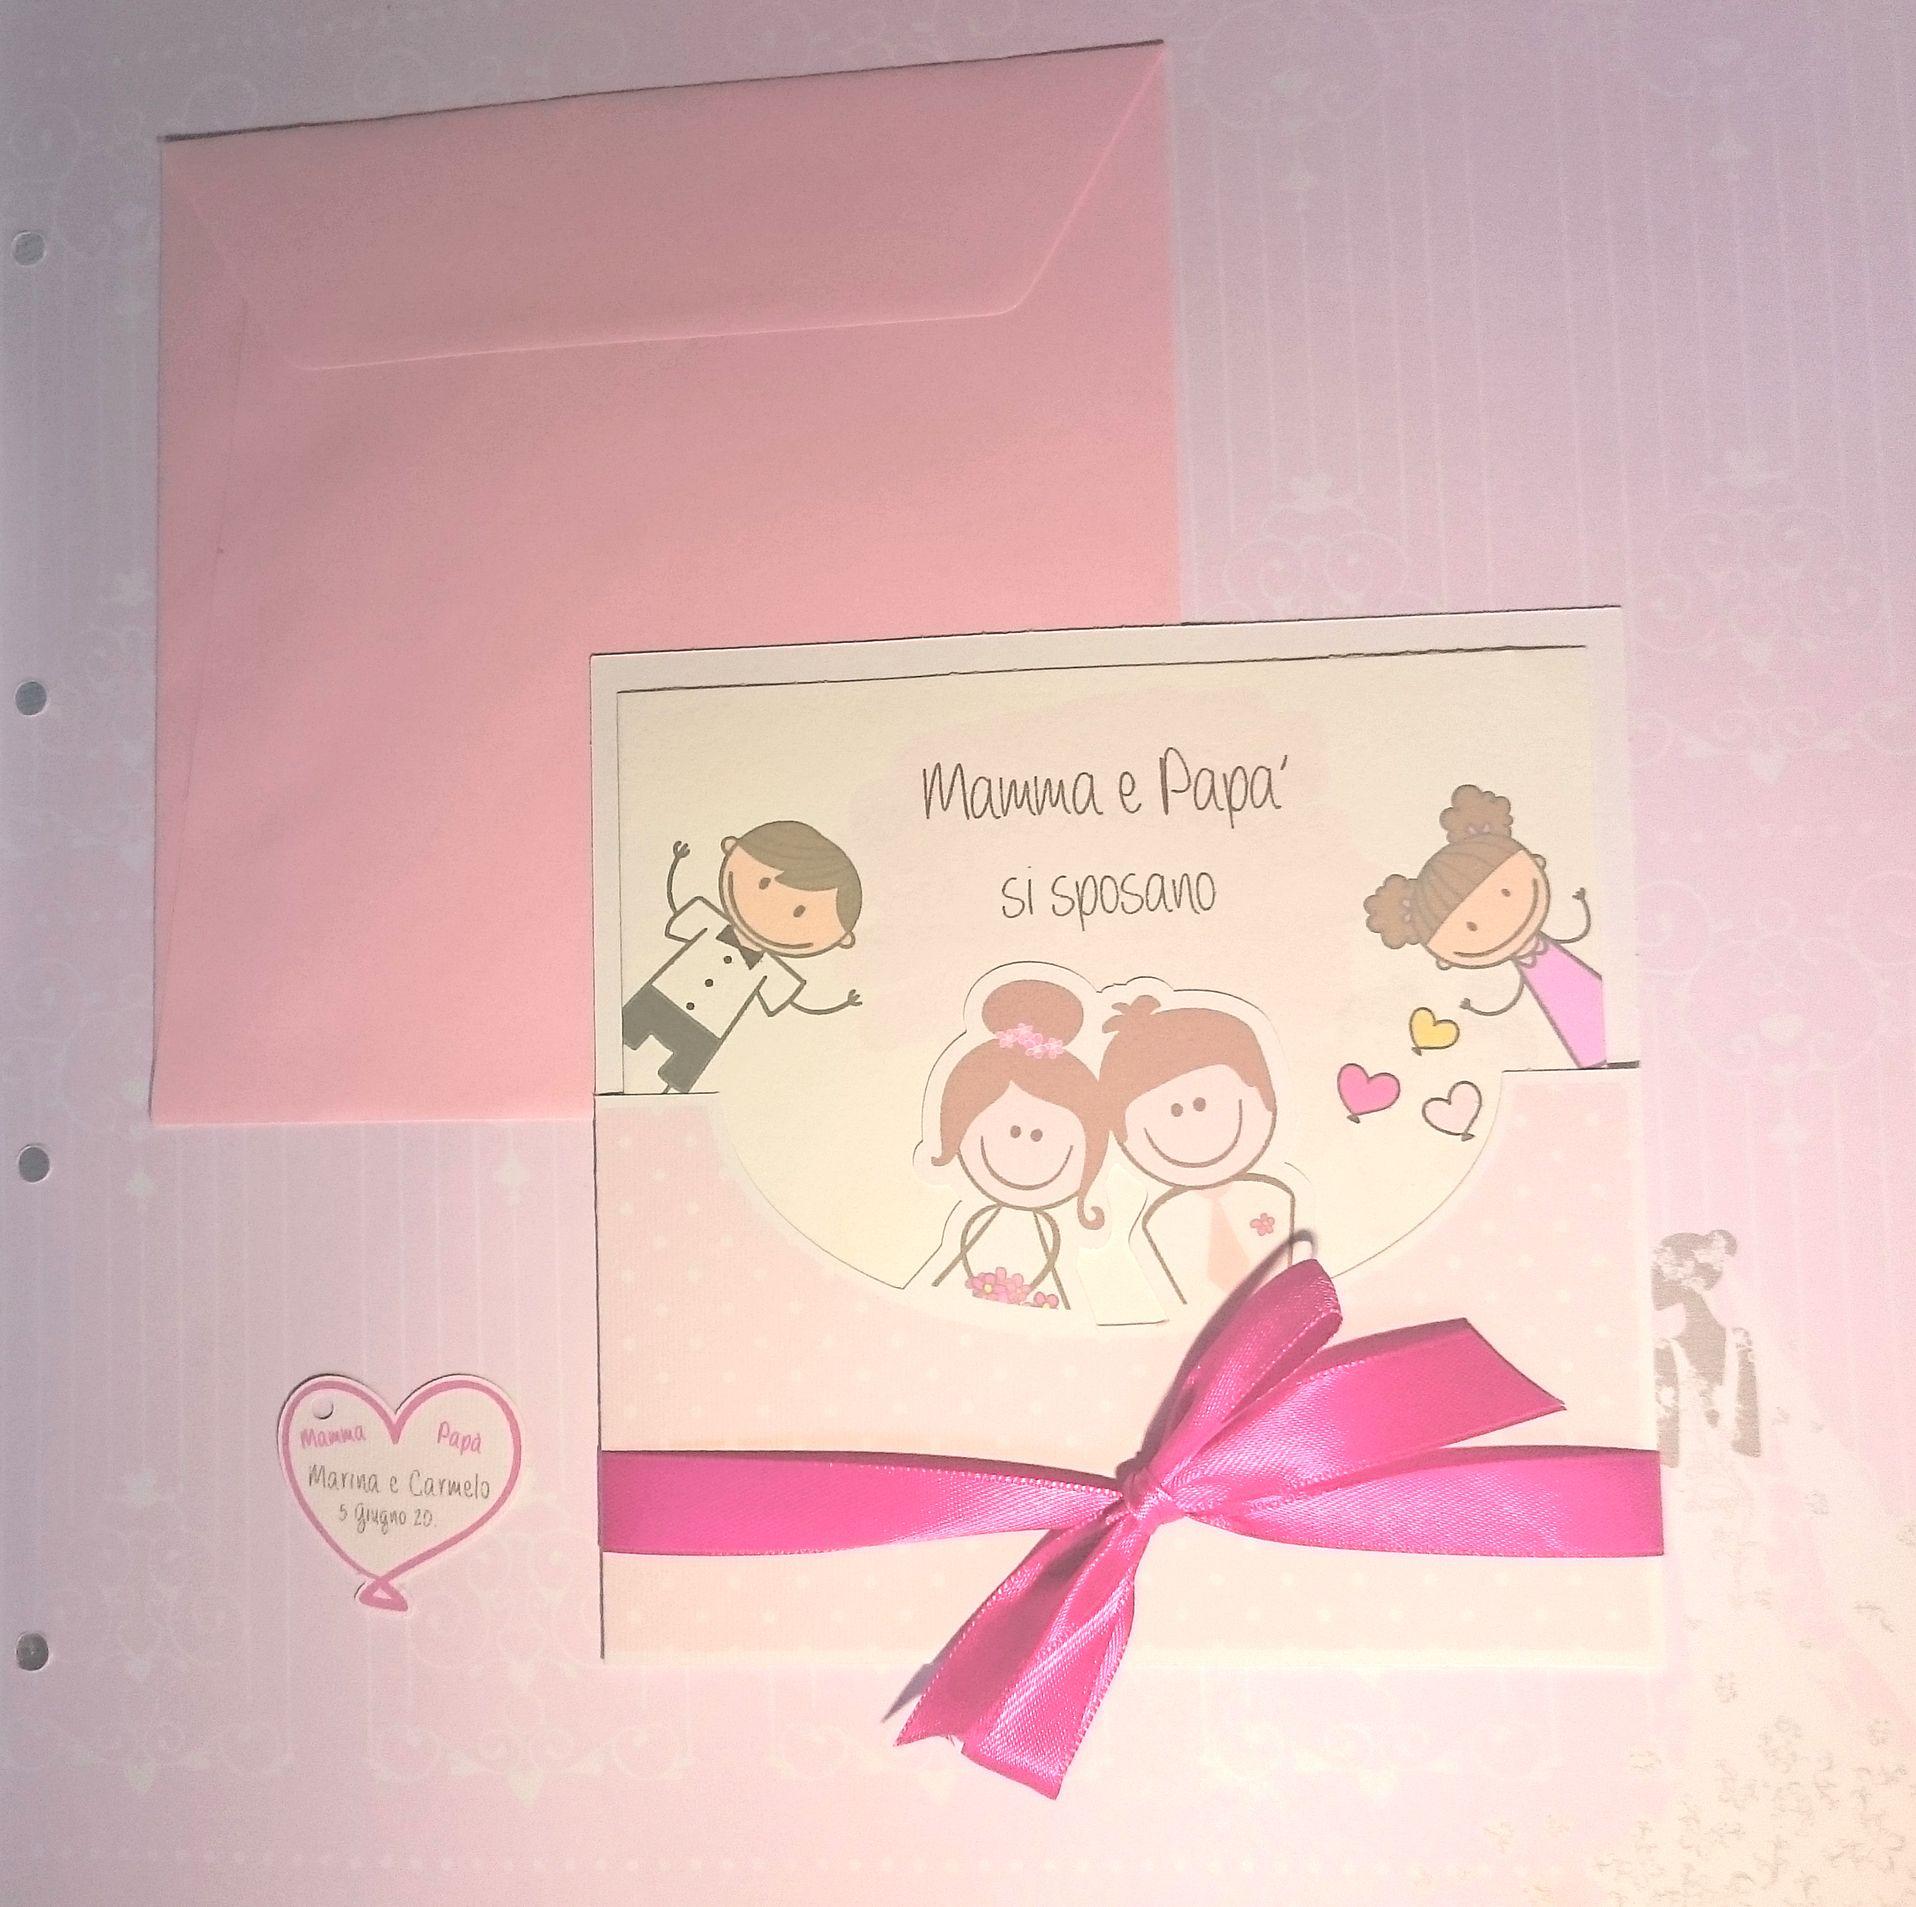 Partecipazioni Matrimonio Mamma E Papa Si Sposano.Partecipazione Collezione Mamma E Papa Si Sposano Rosa E Nastro